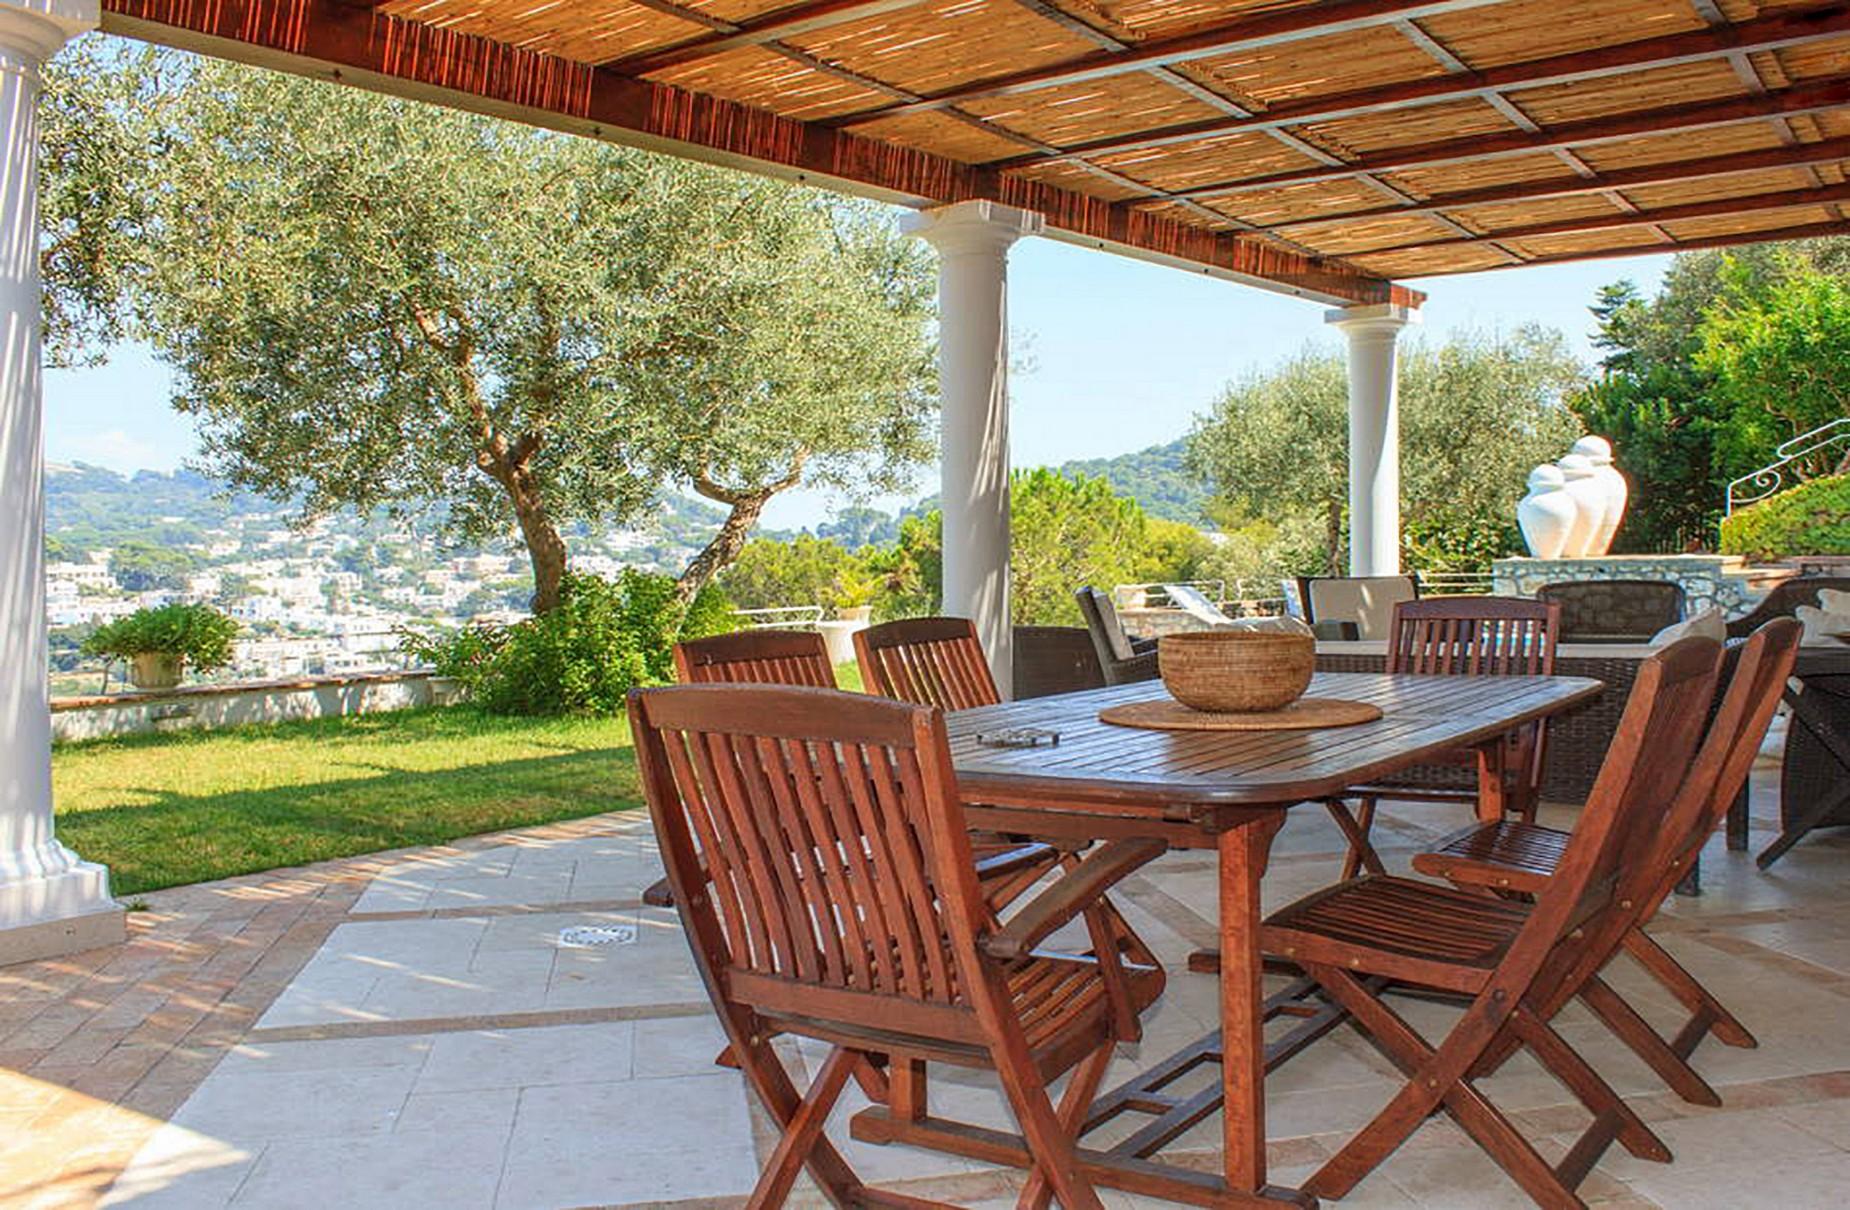 Villa in Vendita a Capri: 5 locali, 150 mq - Foto 6